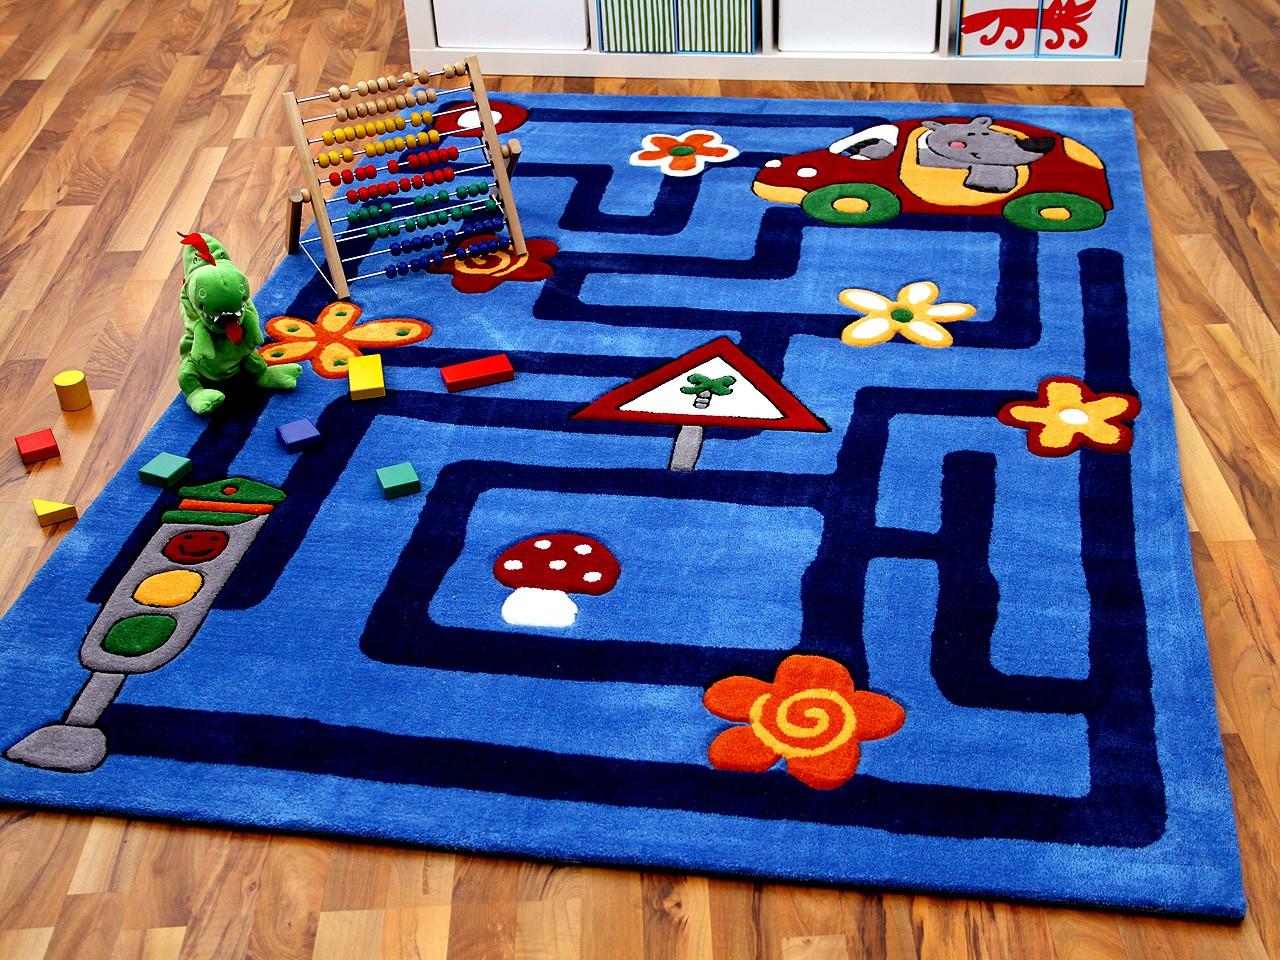 Kinderteppich blau  Kinderteppich Blau ~ Die neuesten Innenarchitekturideen